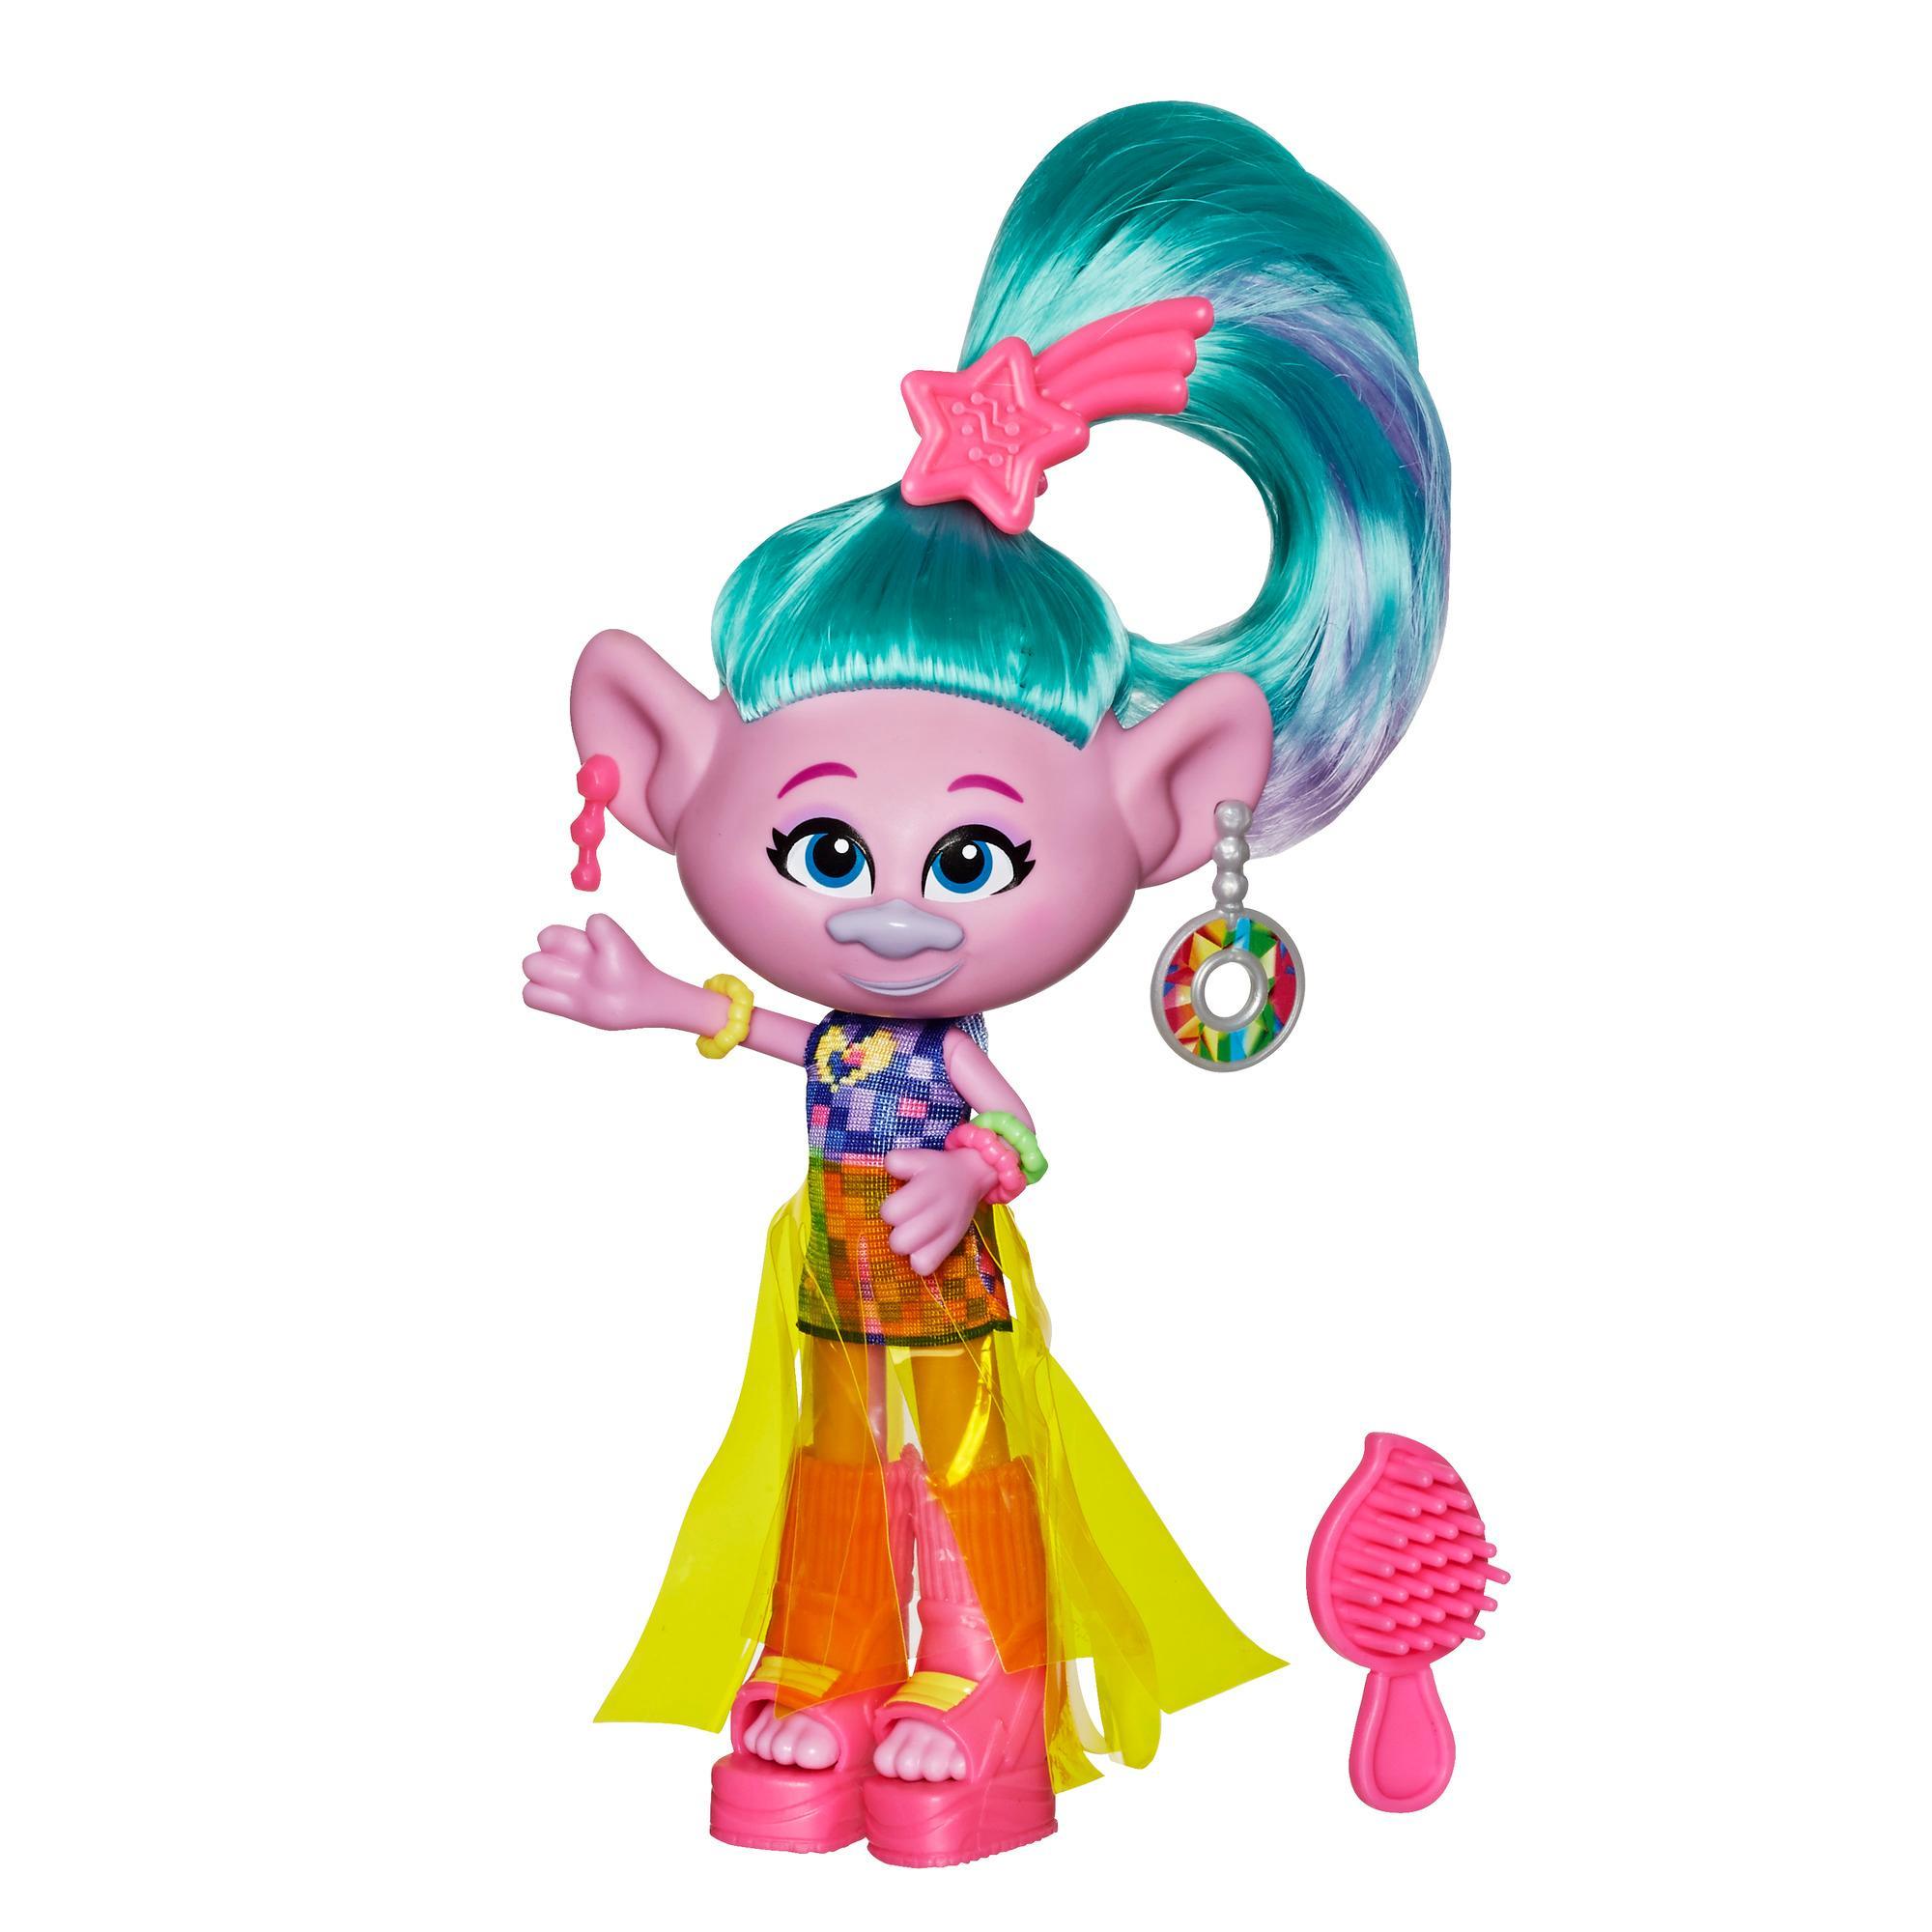 DreamWorks Trolls - Satín Glamour - Figura con vestido y accesorios, inspirada en Trolls 2  - Juguete para niñas